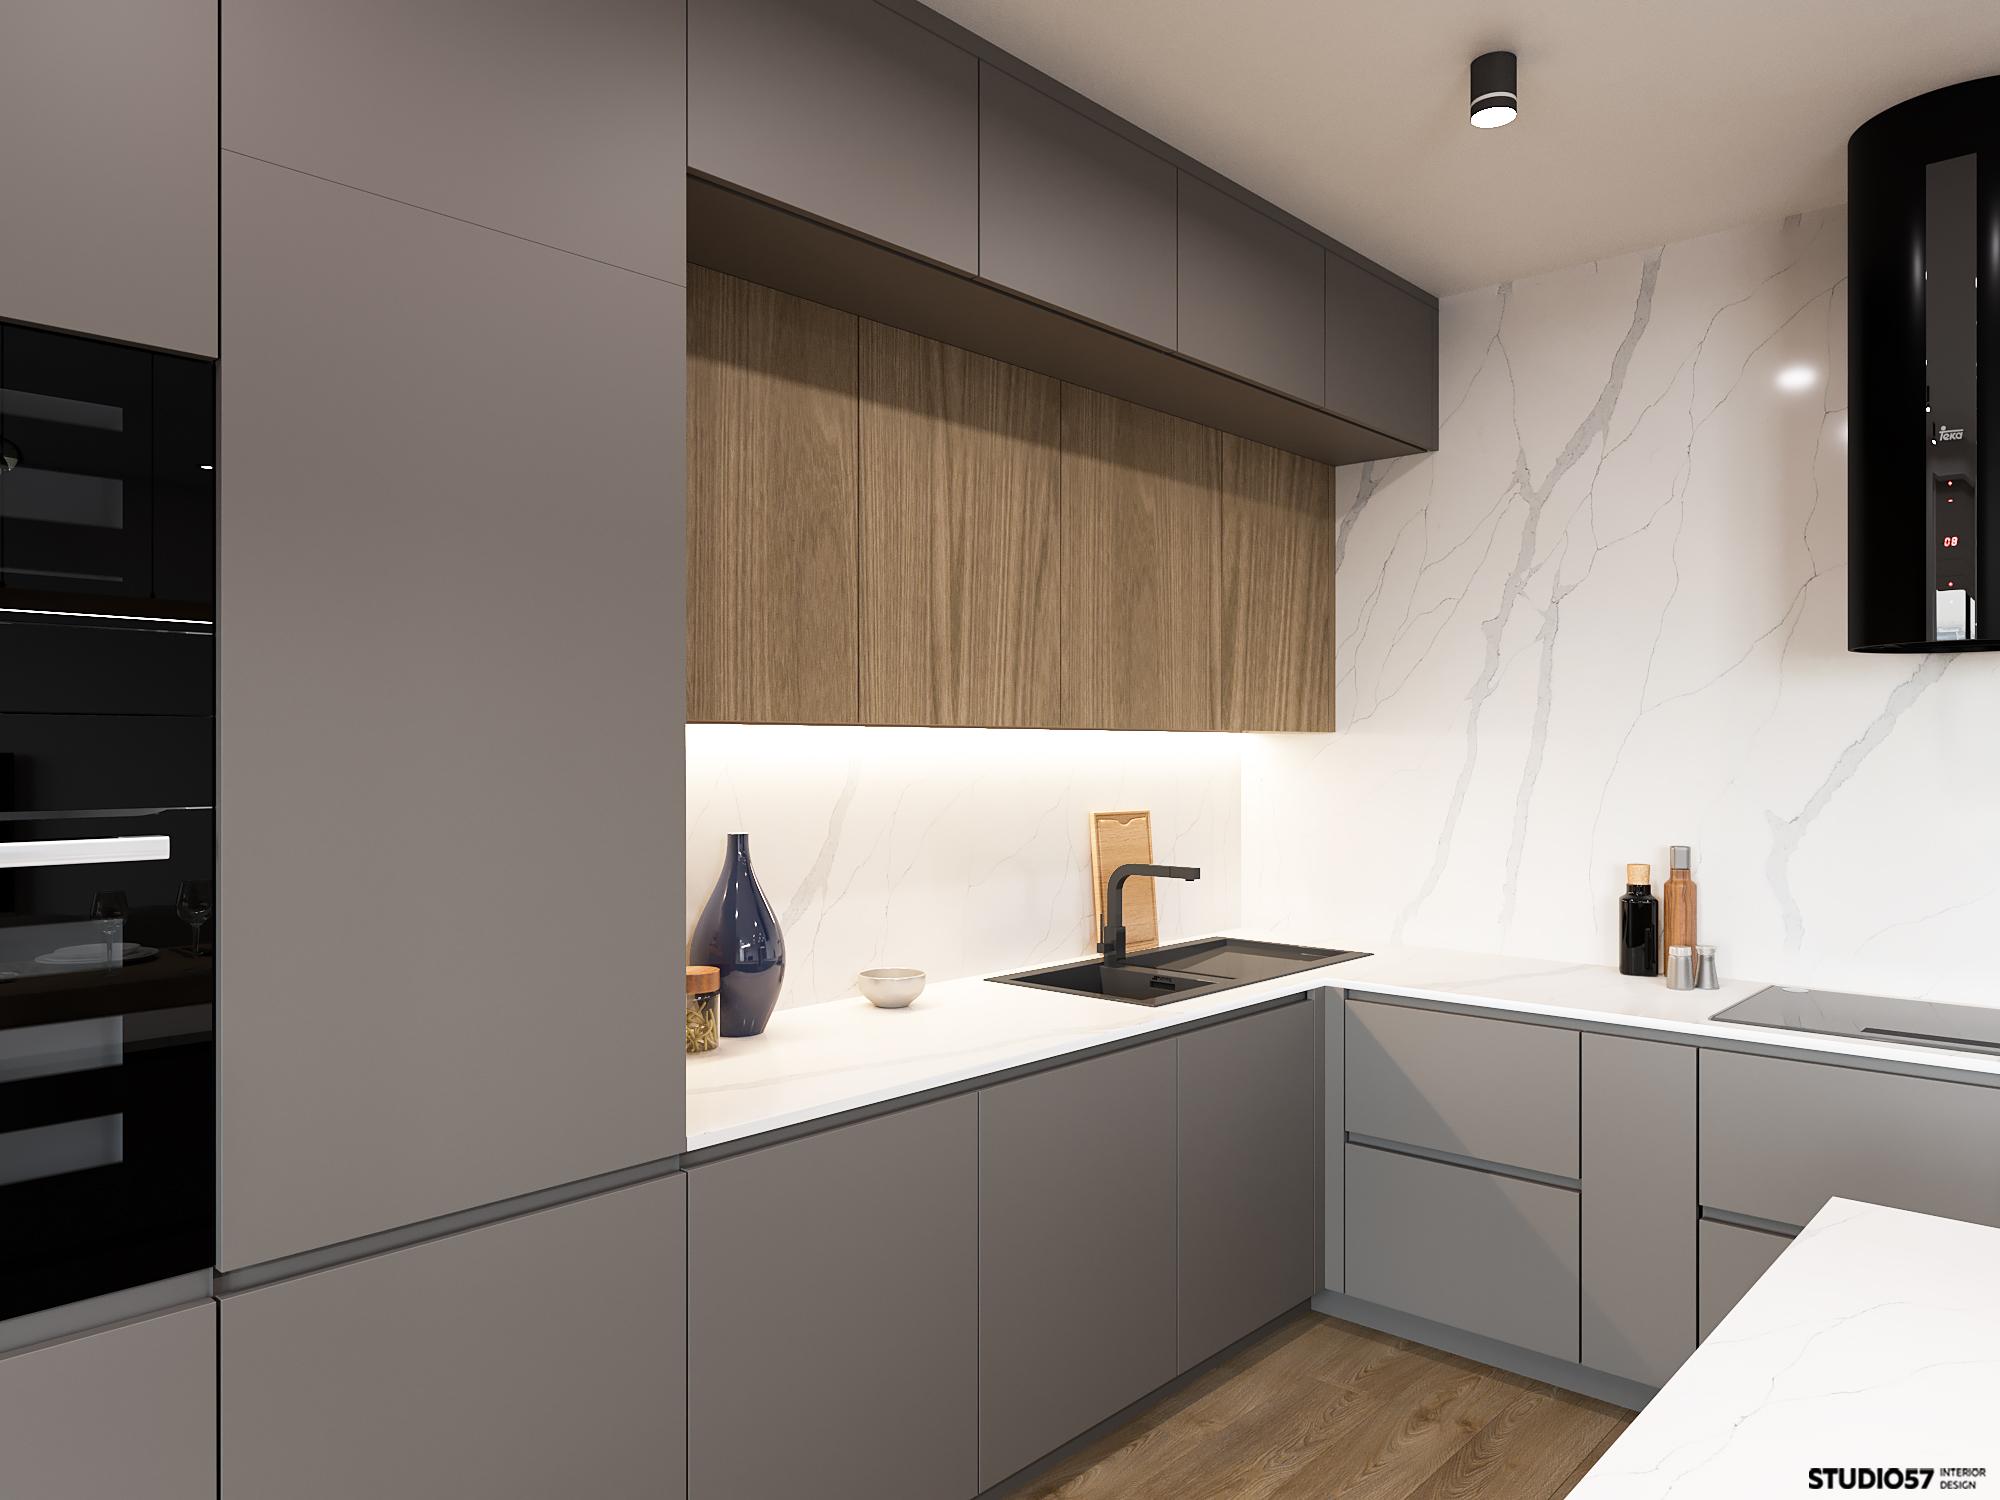 Интерьер кухни-гостиной. Зона кухни. Вид 1.